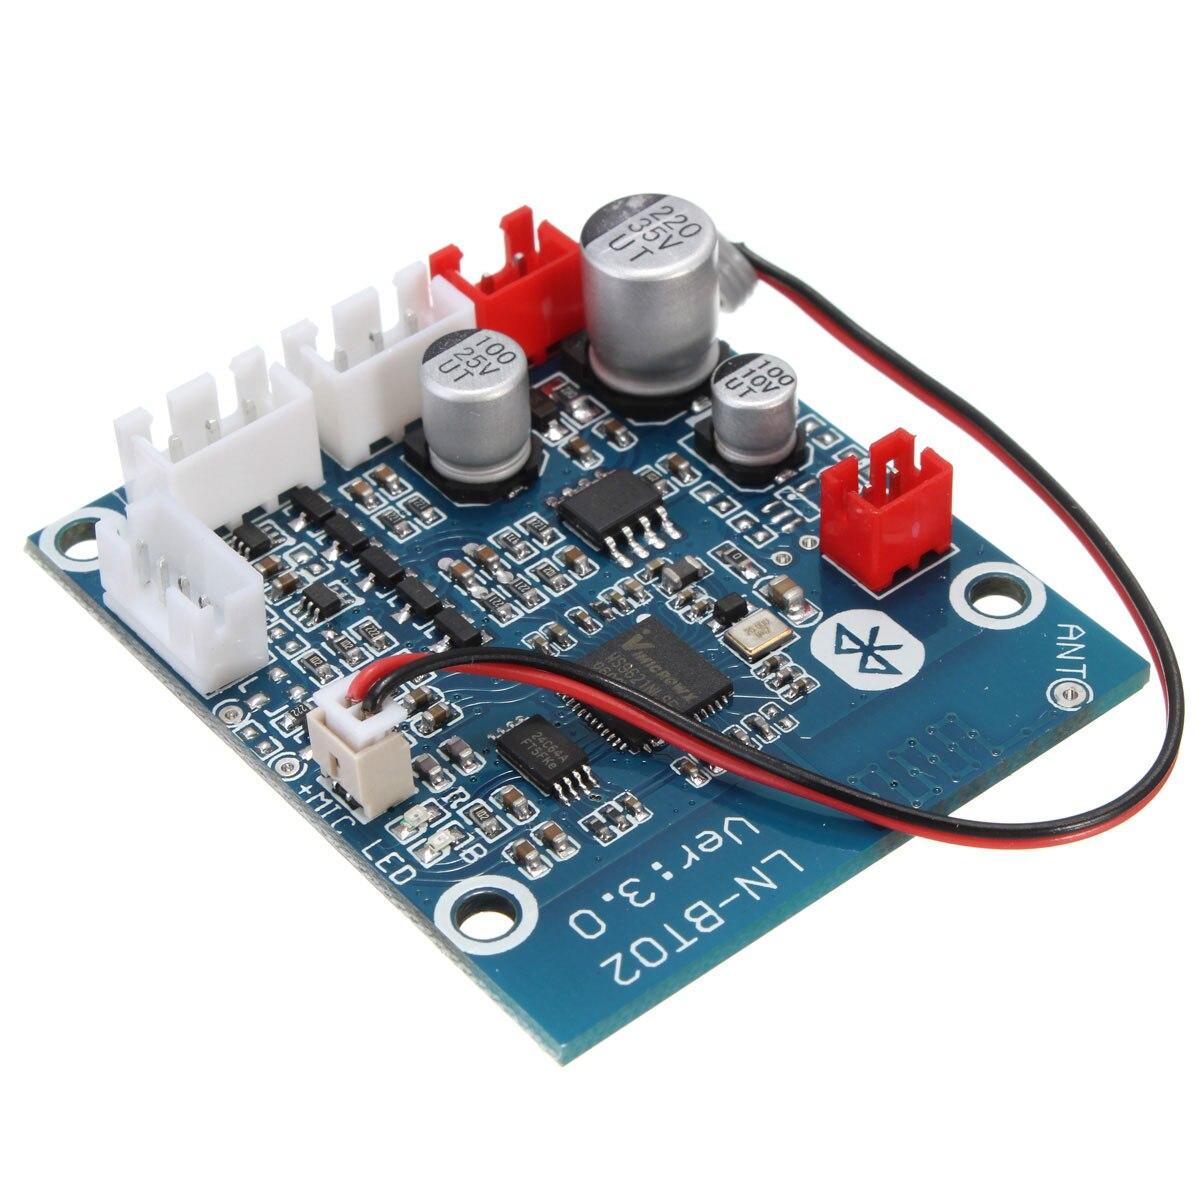 GüNstig Einkaufen Audio Empfänger Modul Bluetooth 4,0 Wireless Stereo Mp3 Für Pc Neue Auto Telefon Reich Und PräChtig Funkadapter Unterhaltungselektronik